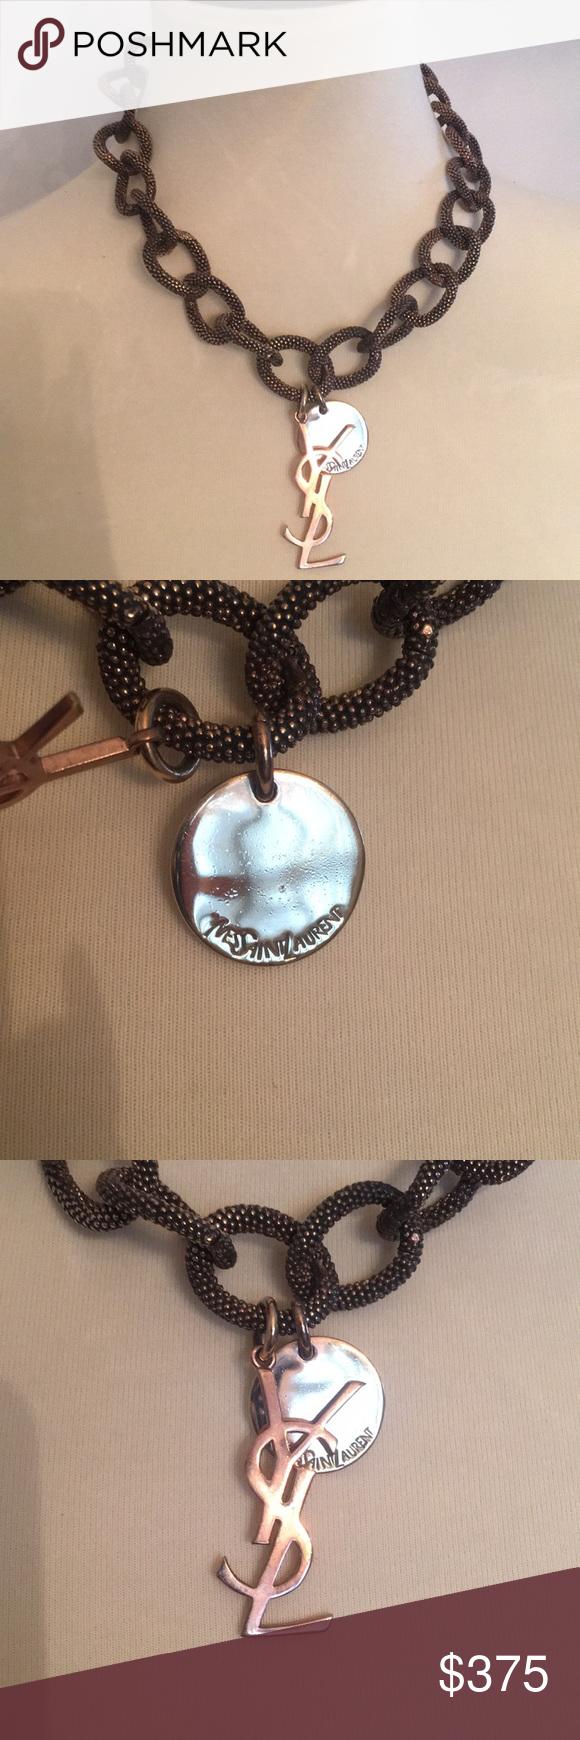 Authentic Yves Saint Laurent Chain Necklace Pinterest